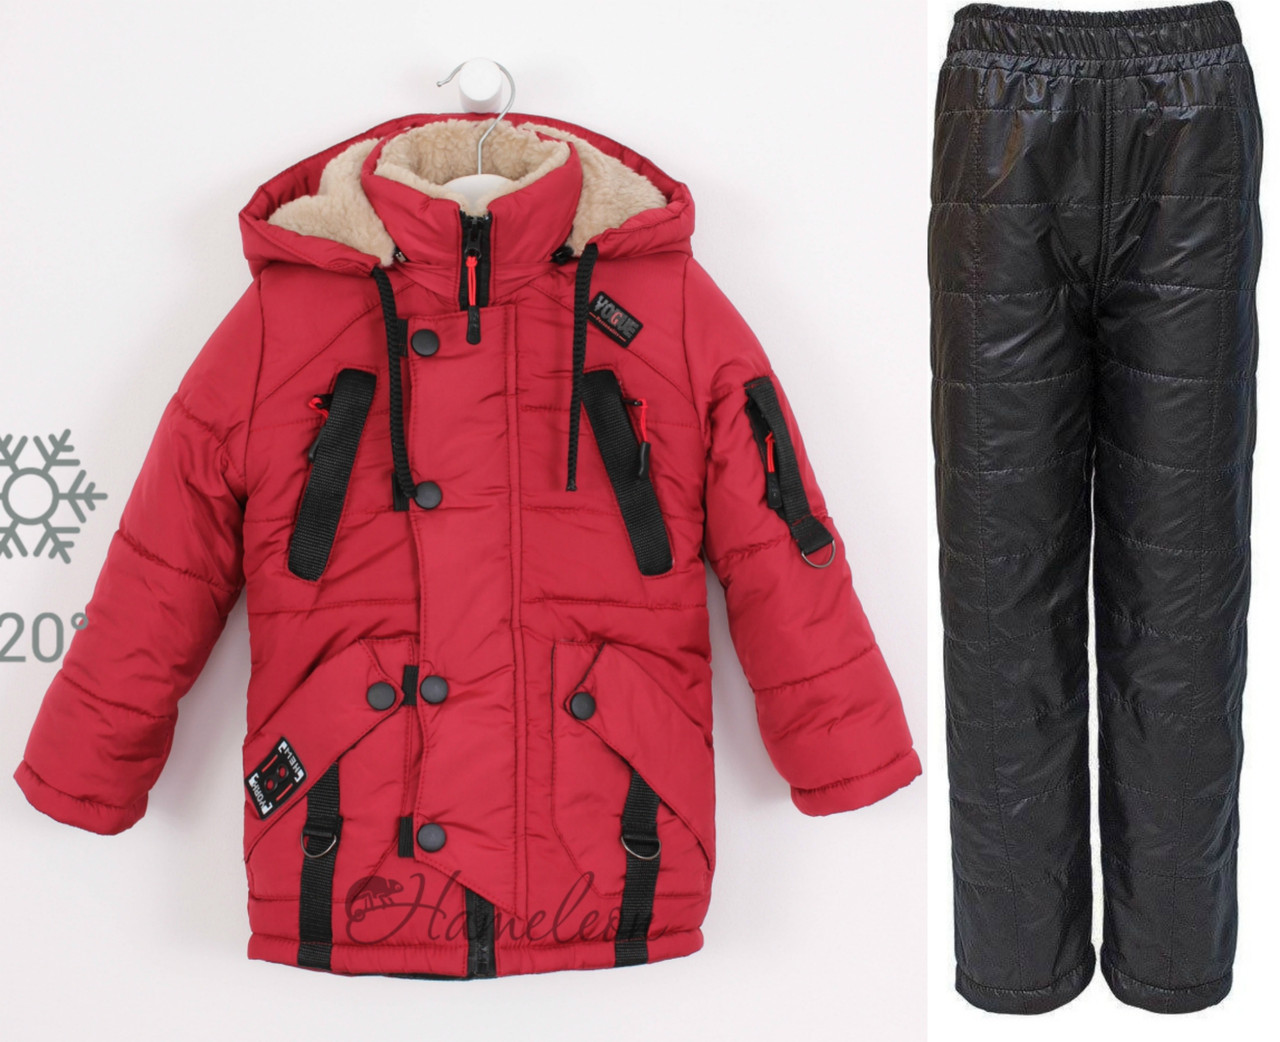 Зимние костюмы для мальчиков на меху